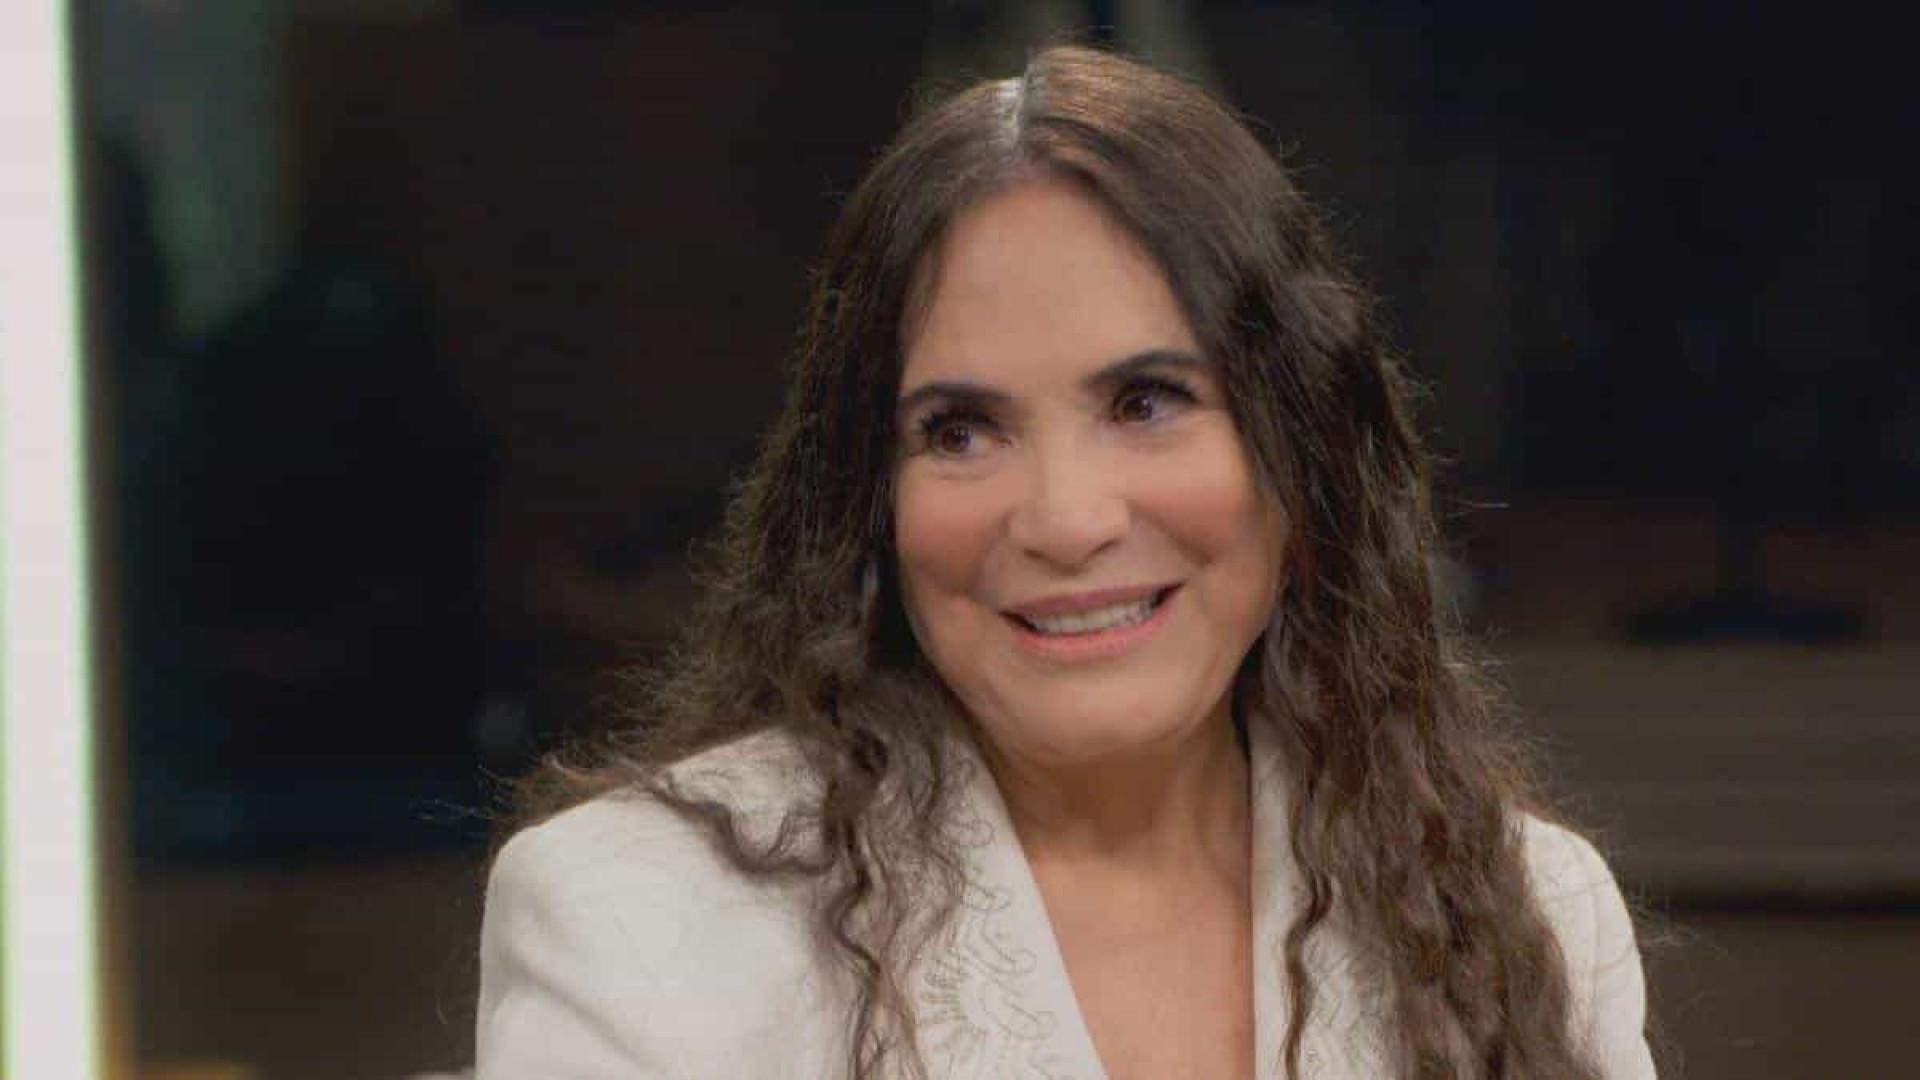 Regina Duarte diz que está 'de corpo e alma' com governo Bolsonaro